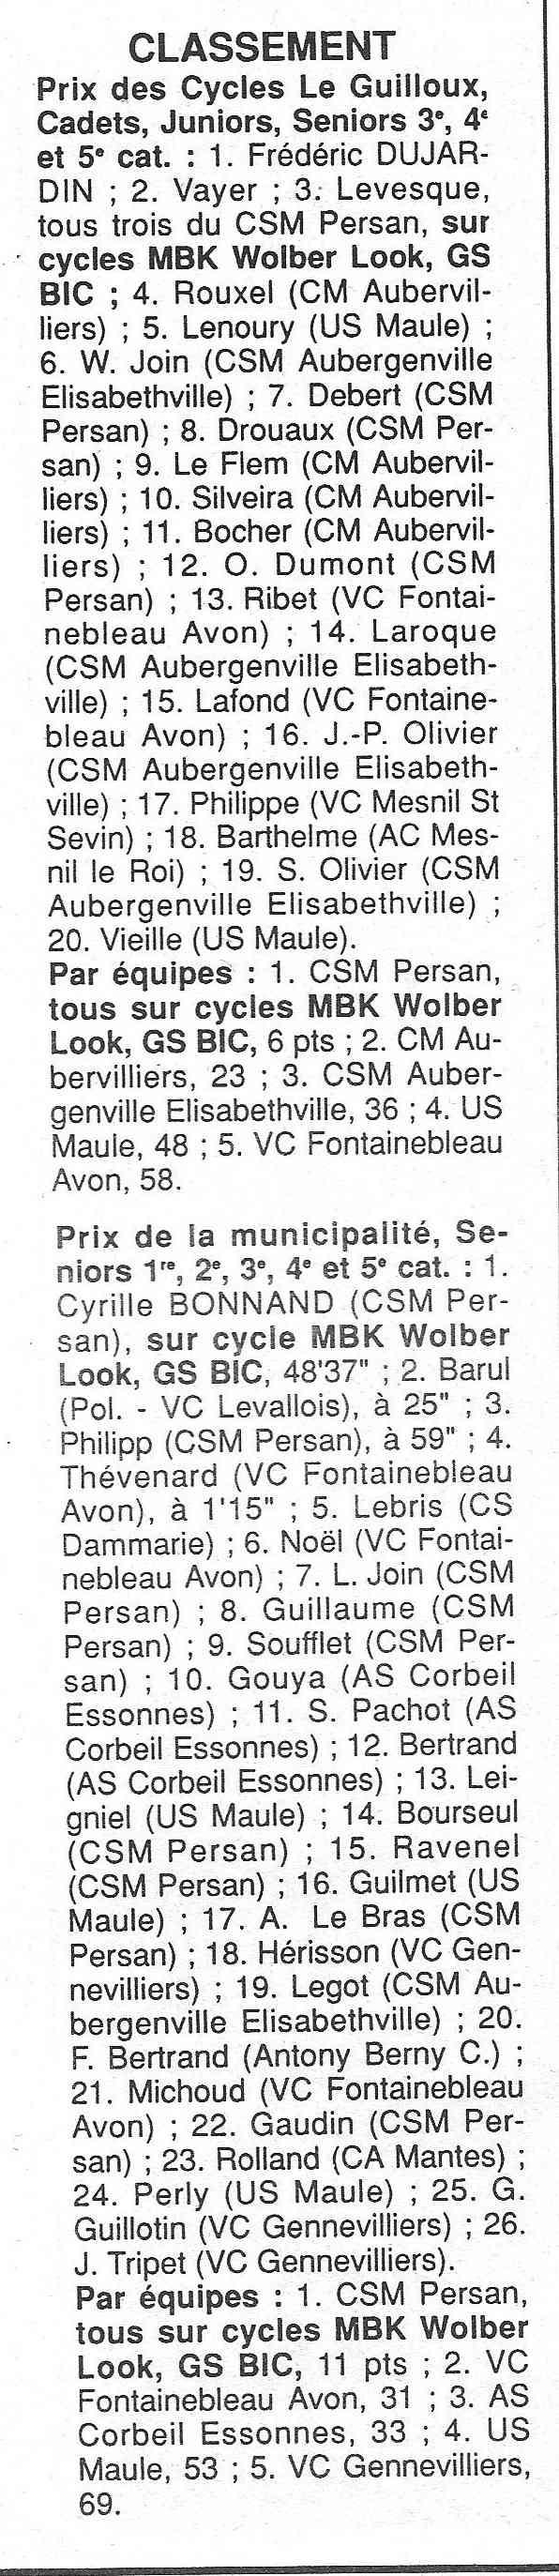 CSM.Persan. BIC. Toute une époque de janvier 1990 à novembre 2007 - Page 5 1991_055